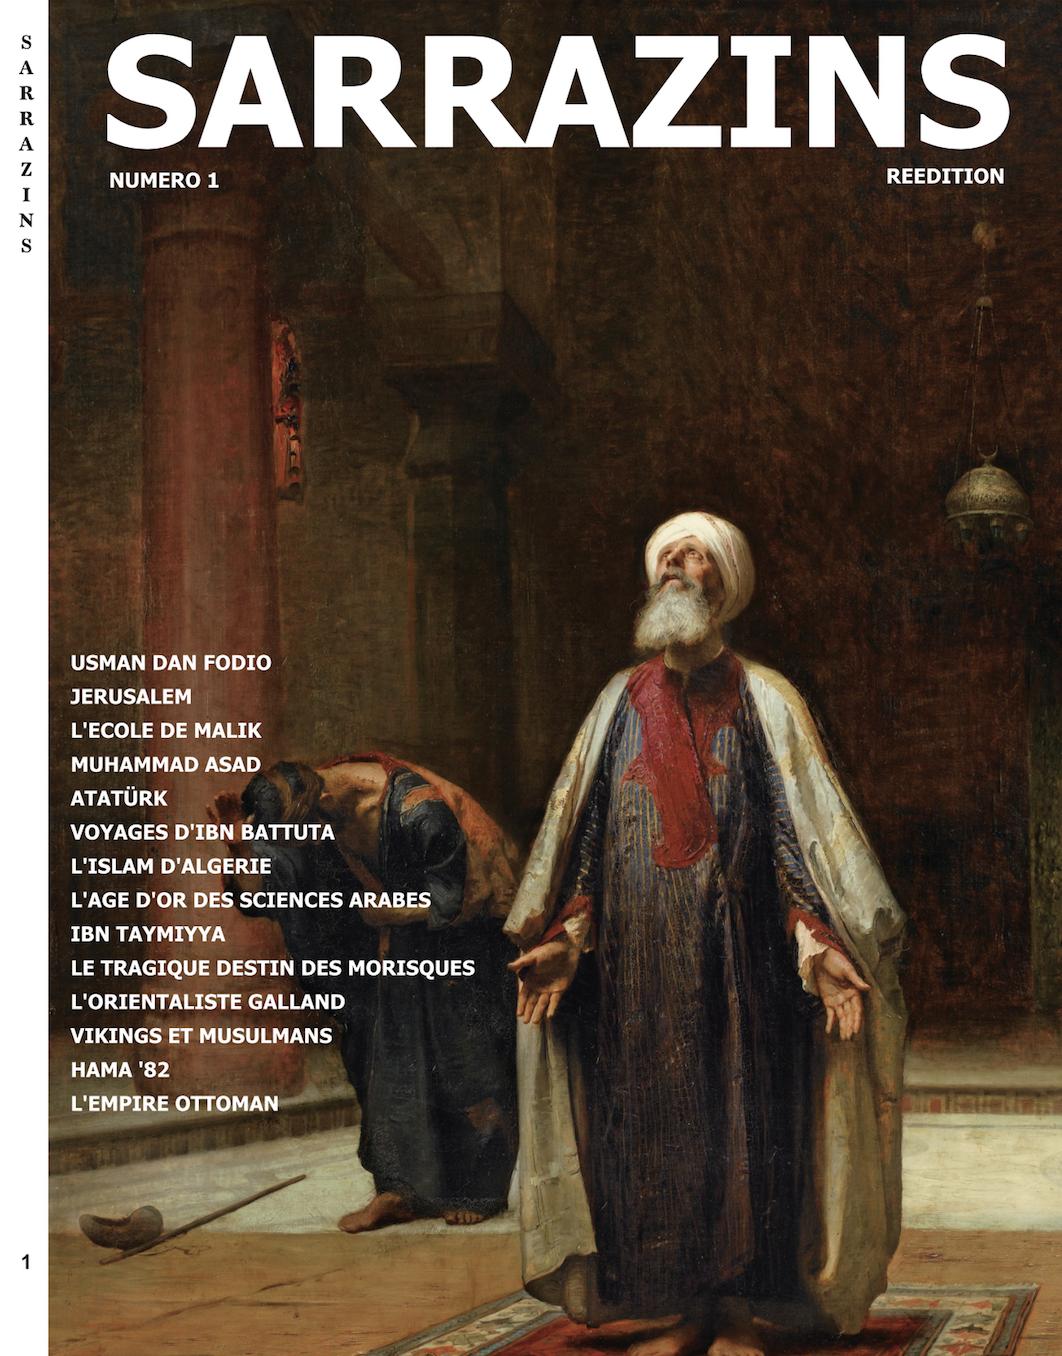 La réédition du N°1 de Sarrazins, bientôt disponible